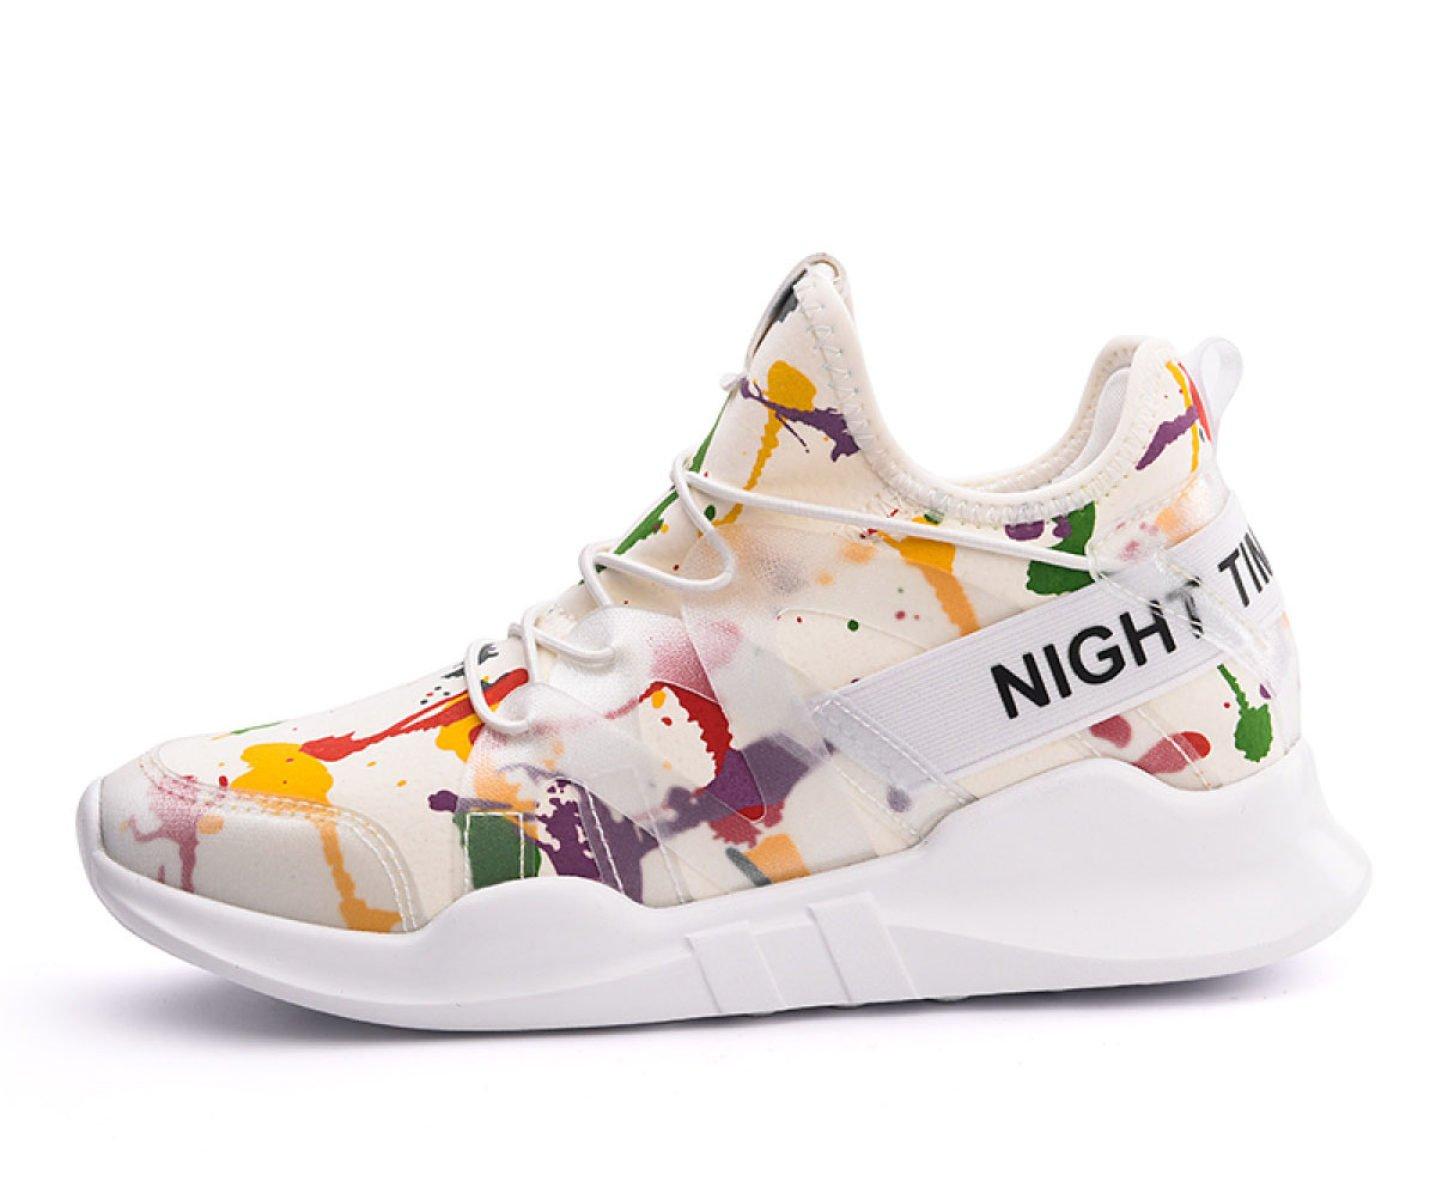 Yrps Sra. Zapatos Deportivos Zapatos Casuales De Primavera Y Otoño Zapatos Casuales PU 36 EU|F